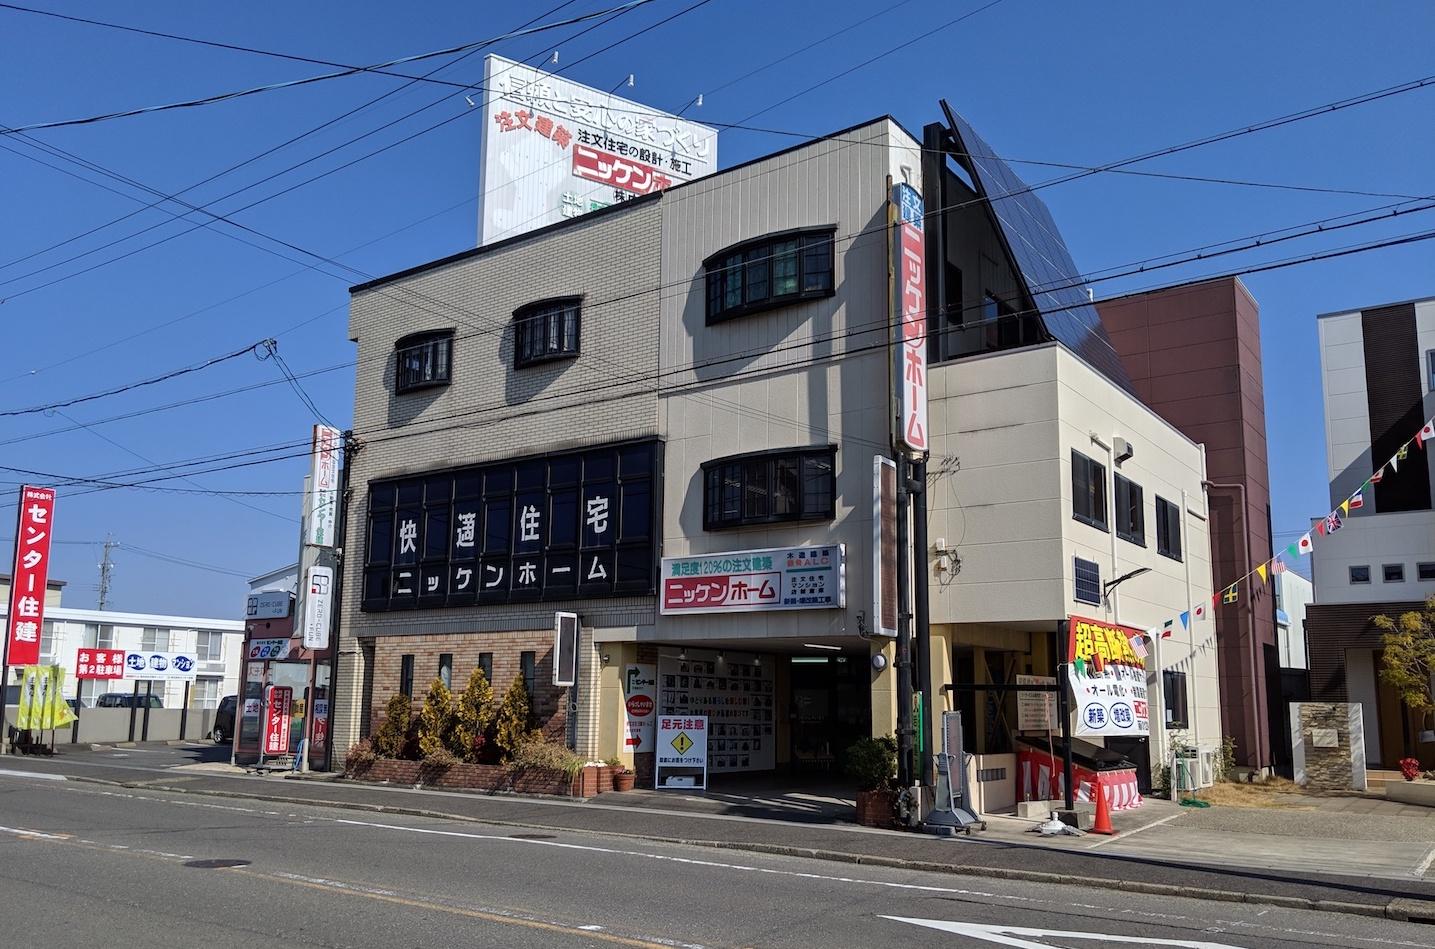 愛知県で注文住宅一筋のニッケンホーム